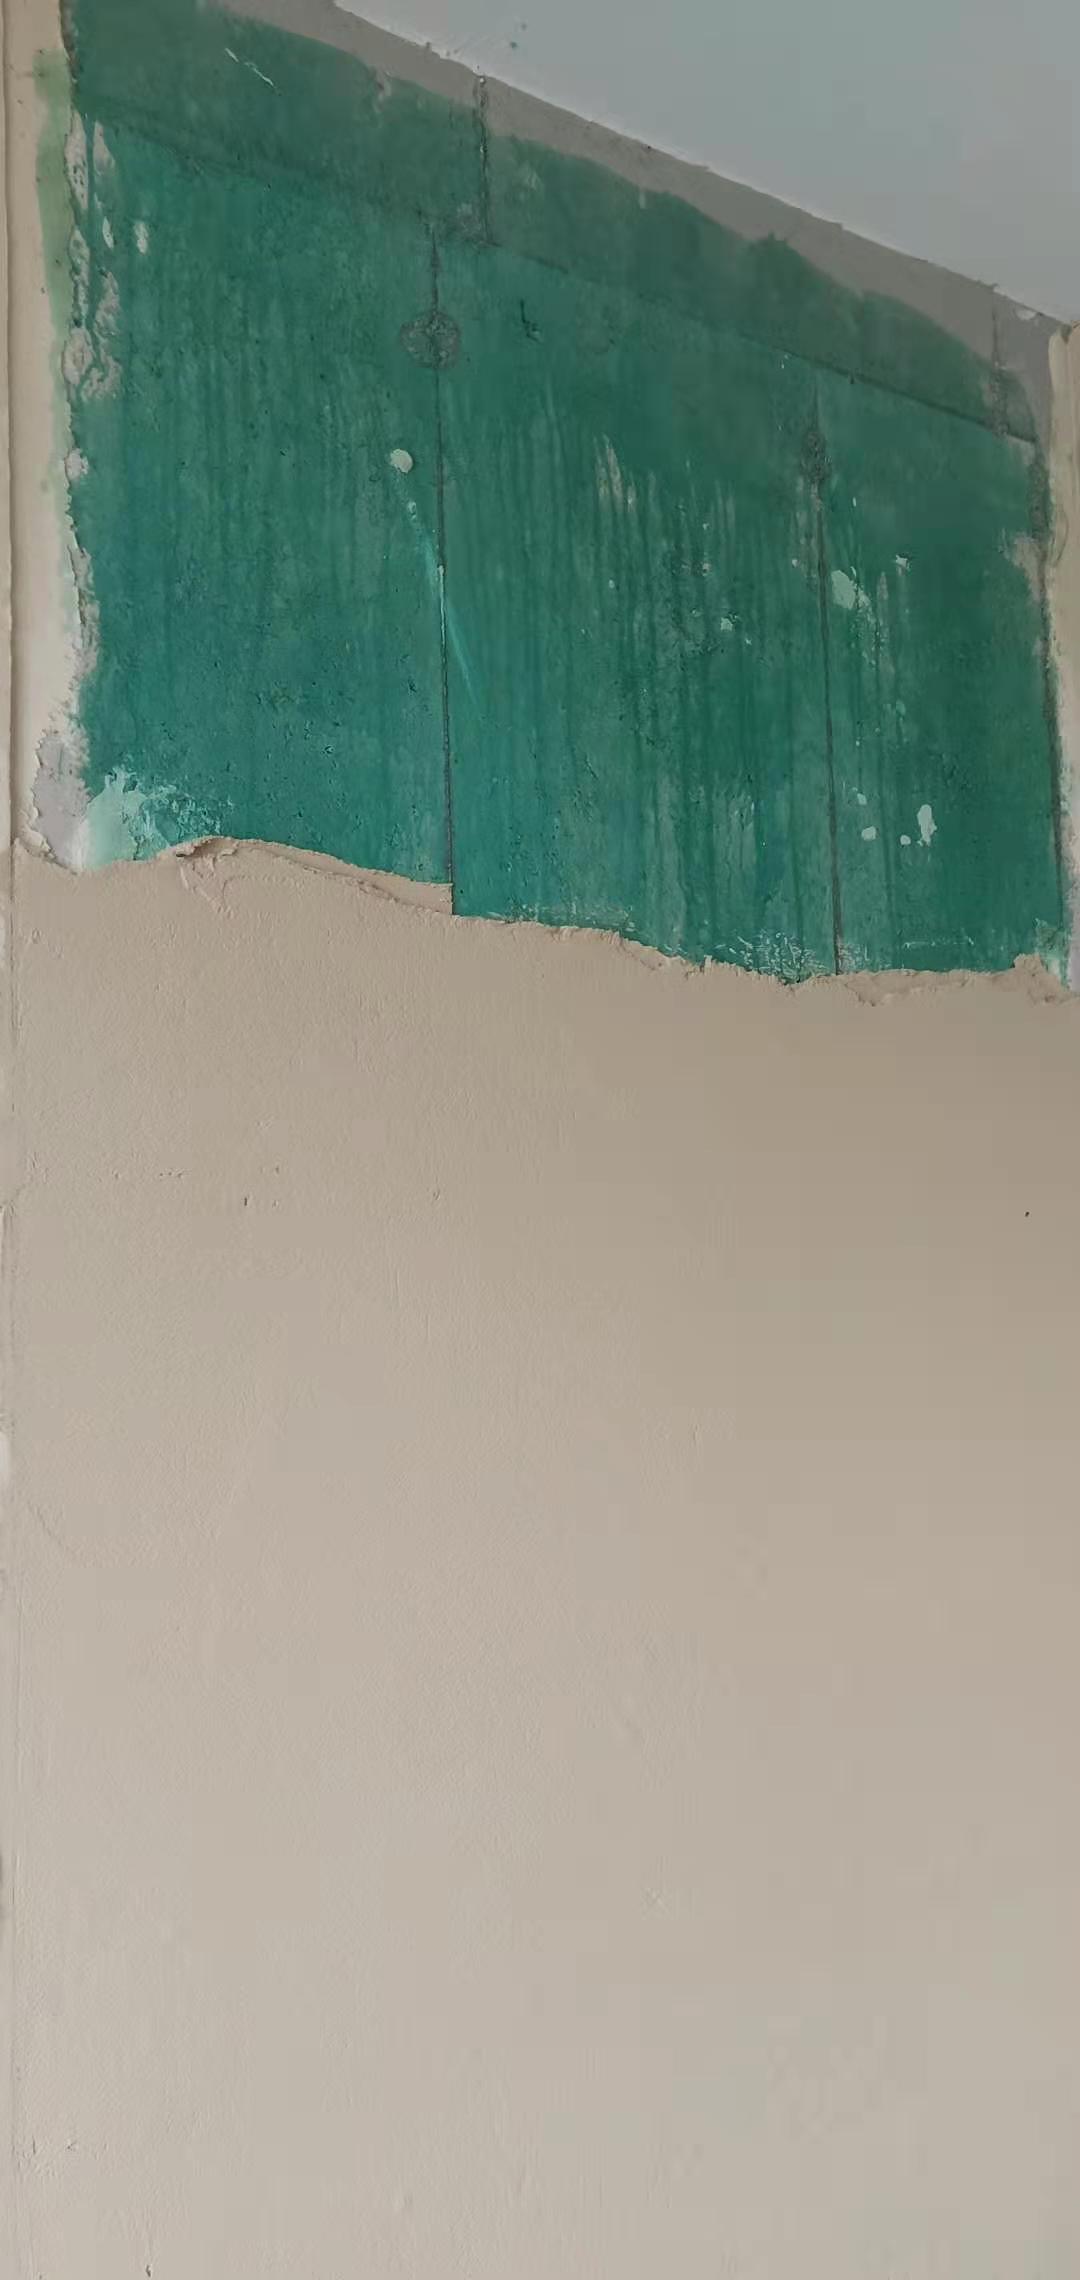 石膏界面剂哪种好用-信阳墙体界面剂-商丘墙体界面剂